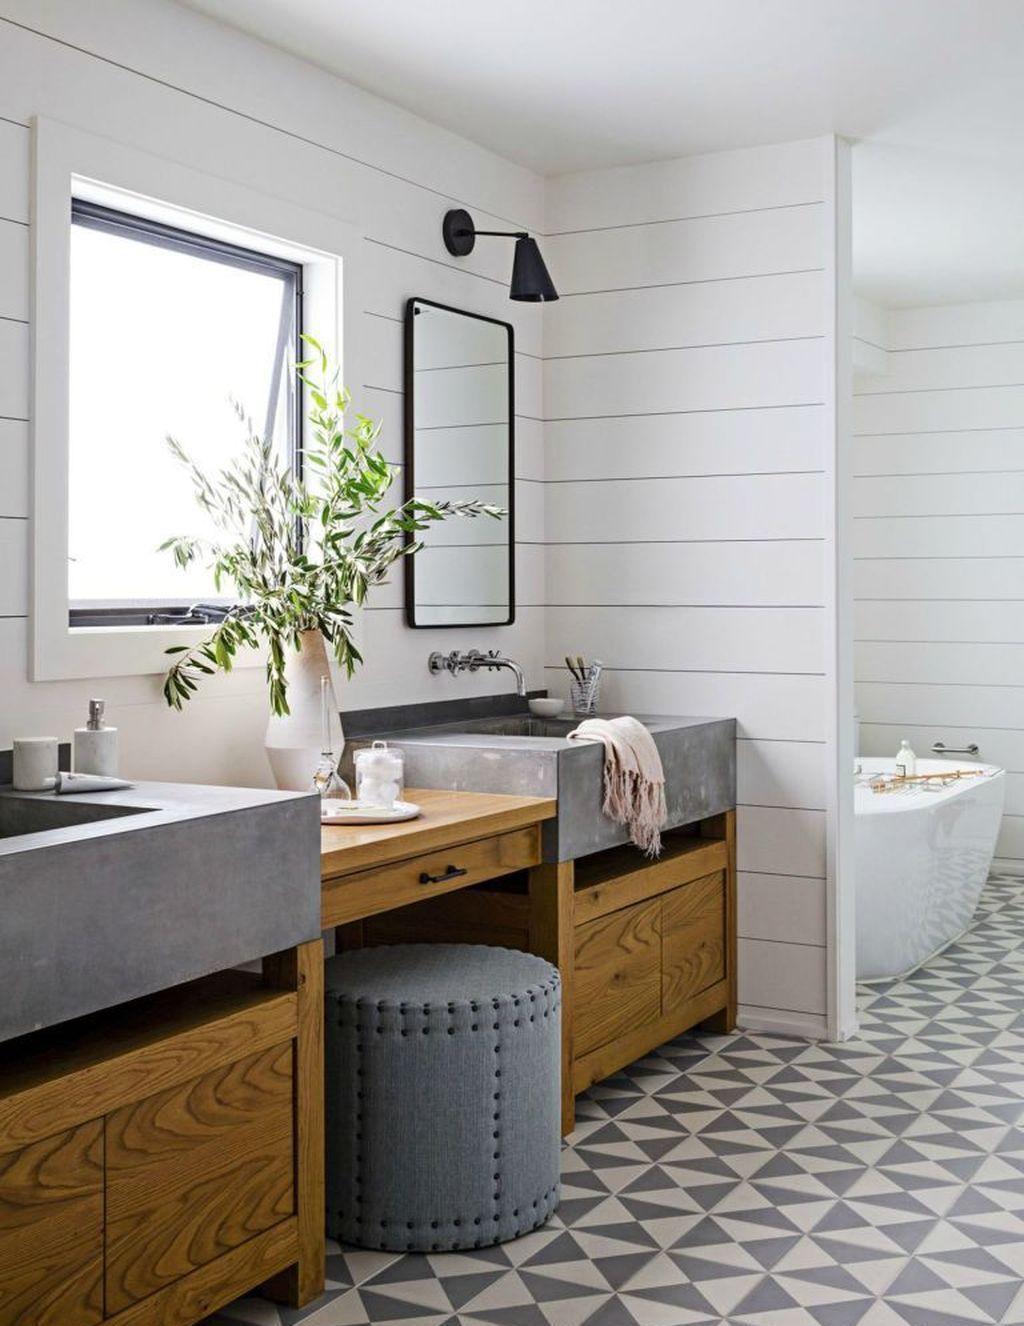 77 Fabulous Modern Farmhouse Bathroom Tile Ideas 42 Modern Bathroom Remodel Rustic Modern Bathroom Modern Farmhouse Bathroom